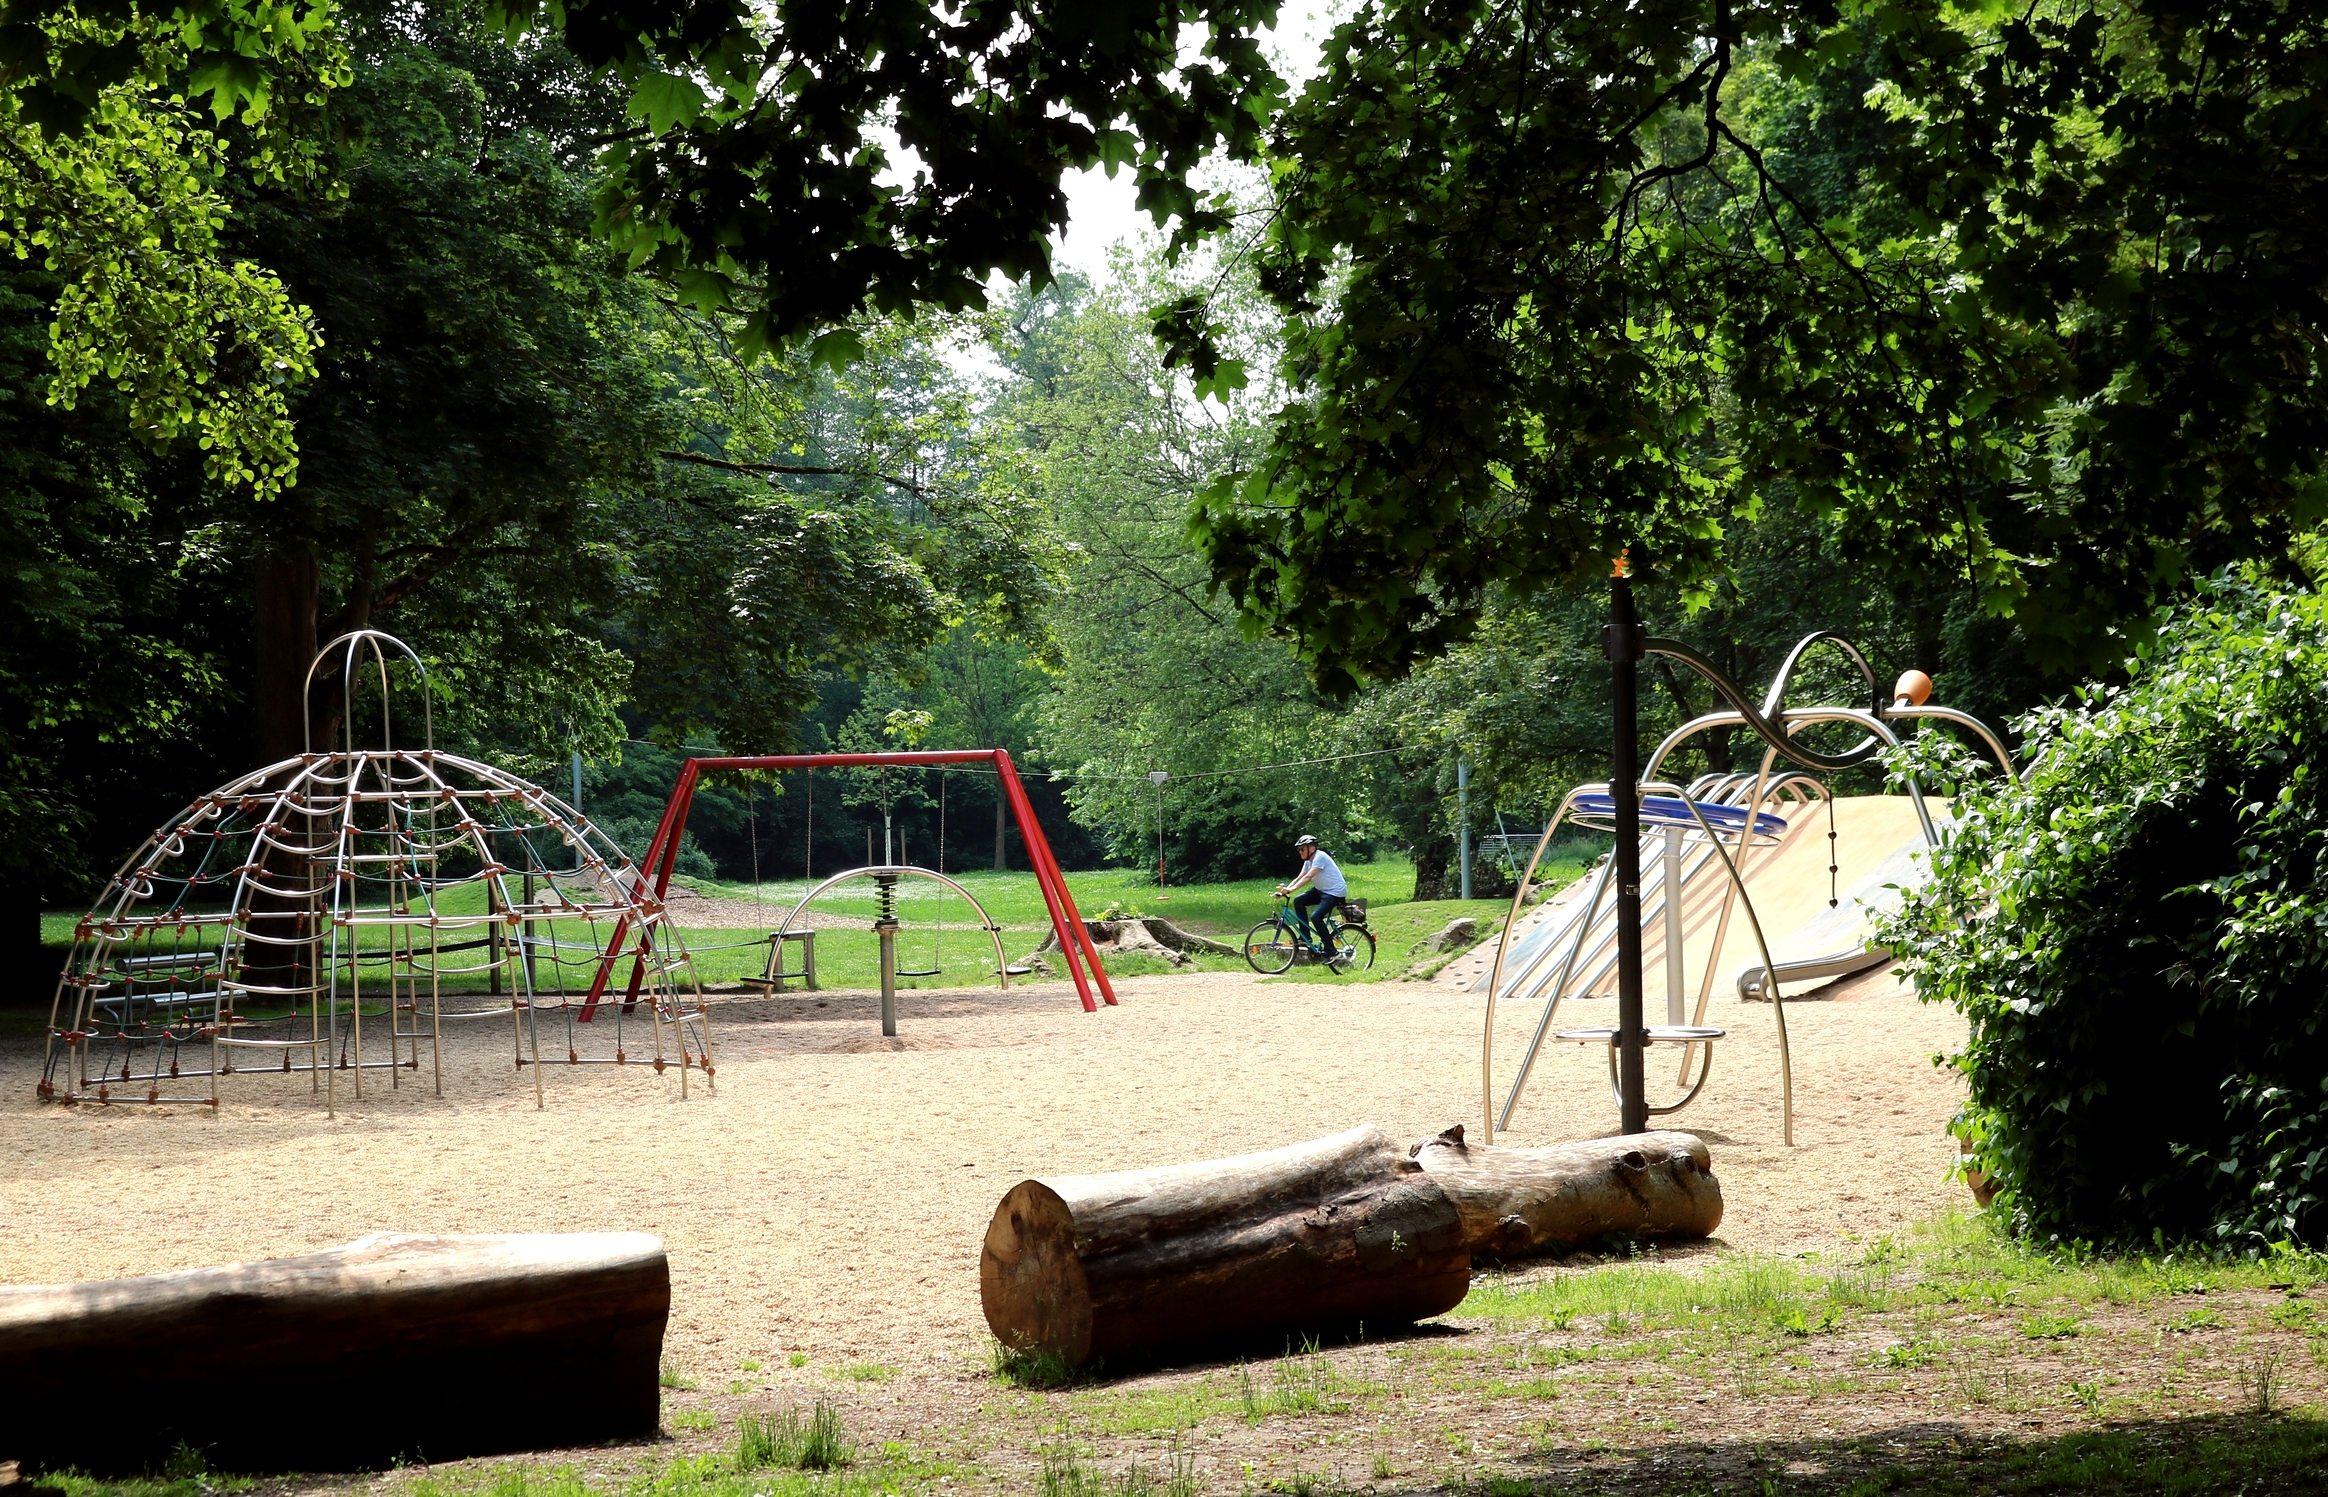 nordhausen-stadtpark-spielplatz-unter-baeumen-Jessica-Piper.jpg